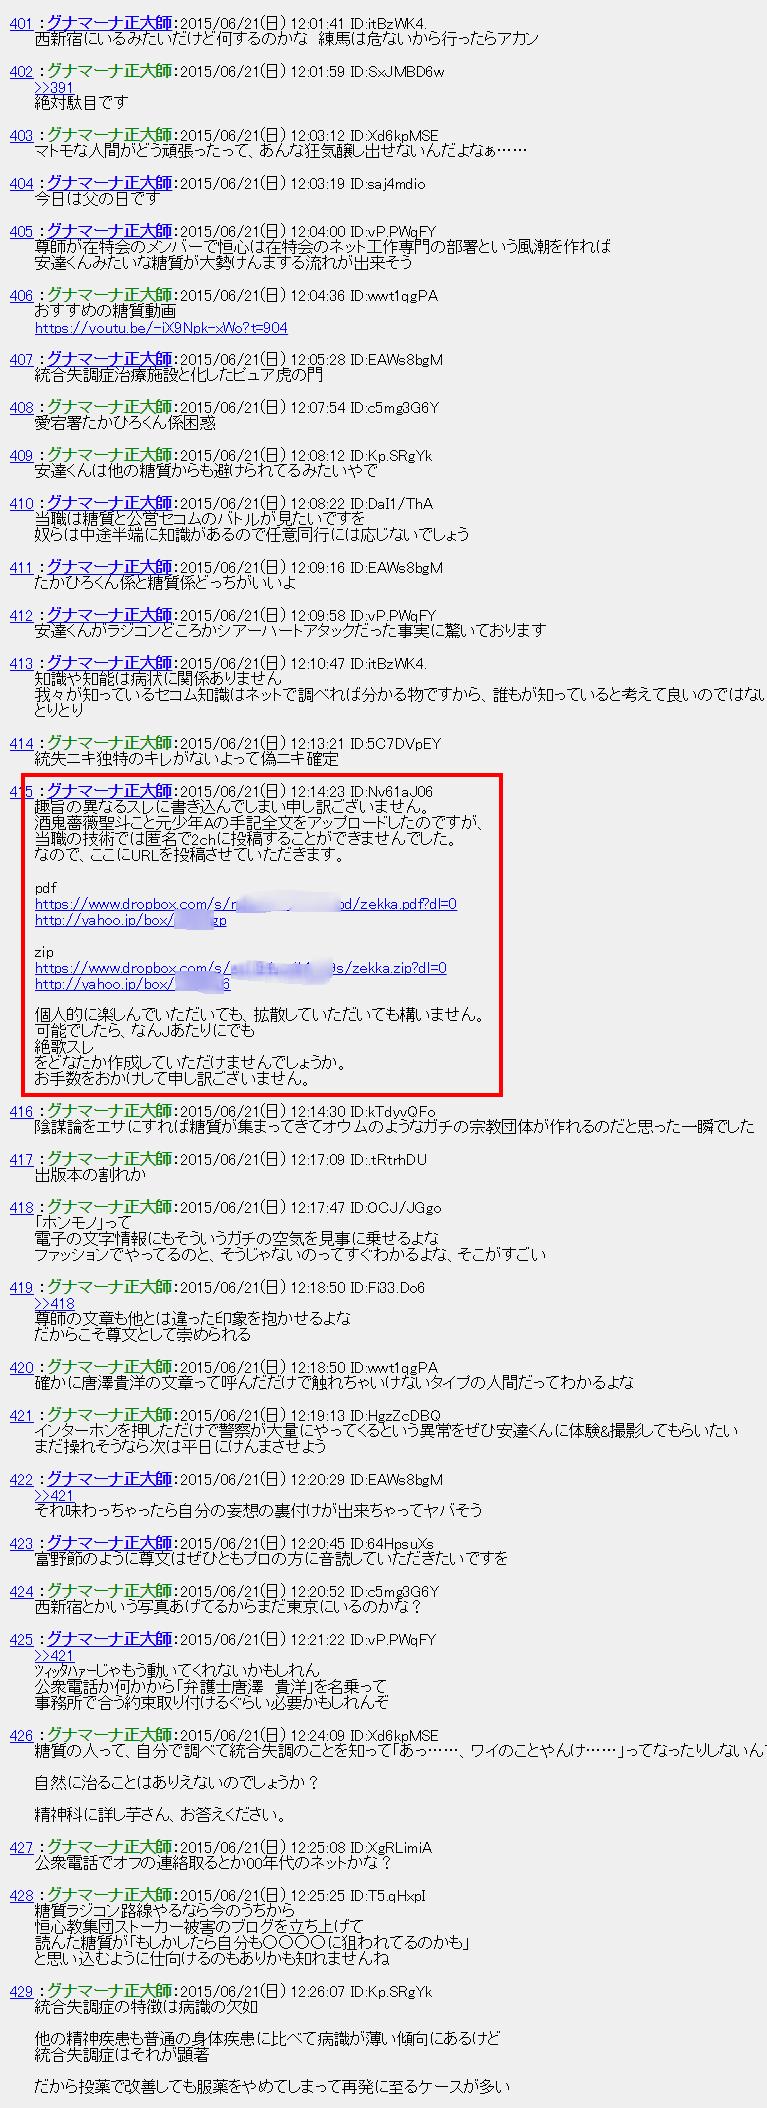 【小池泰男】雑談【ヴァジラチッタ・イシディンナ正悟師】